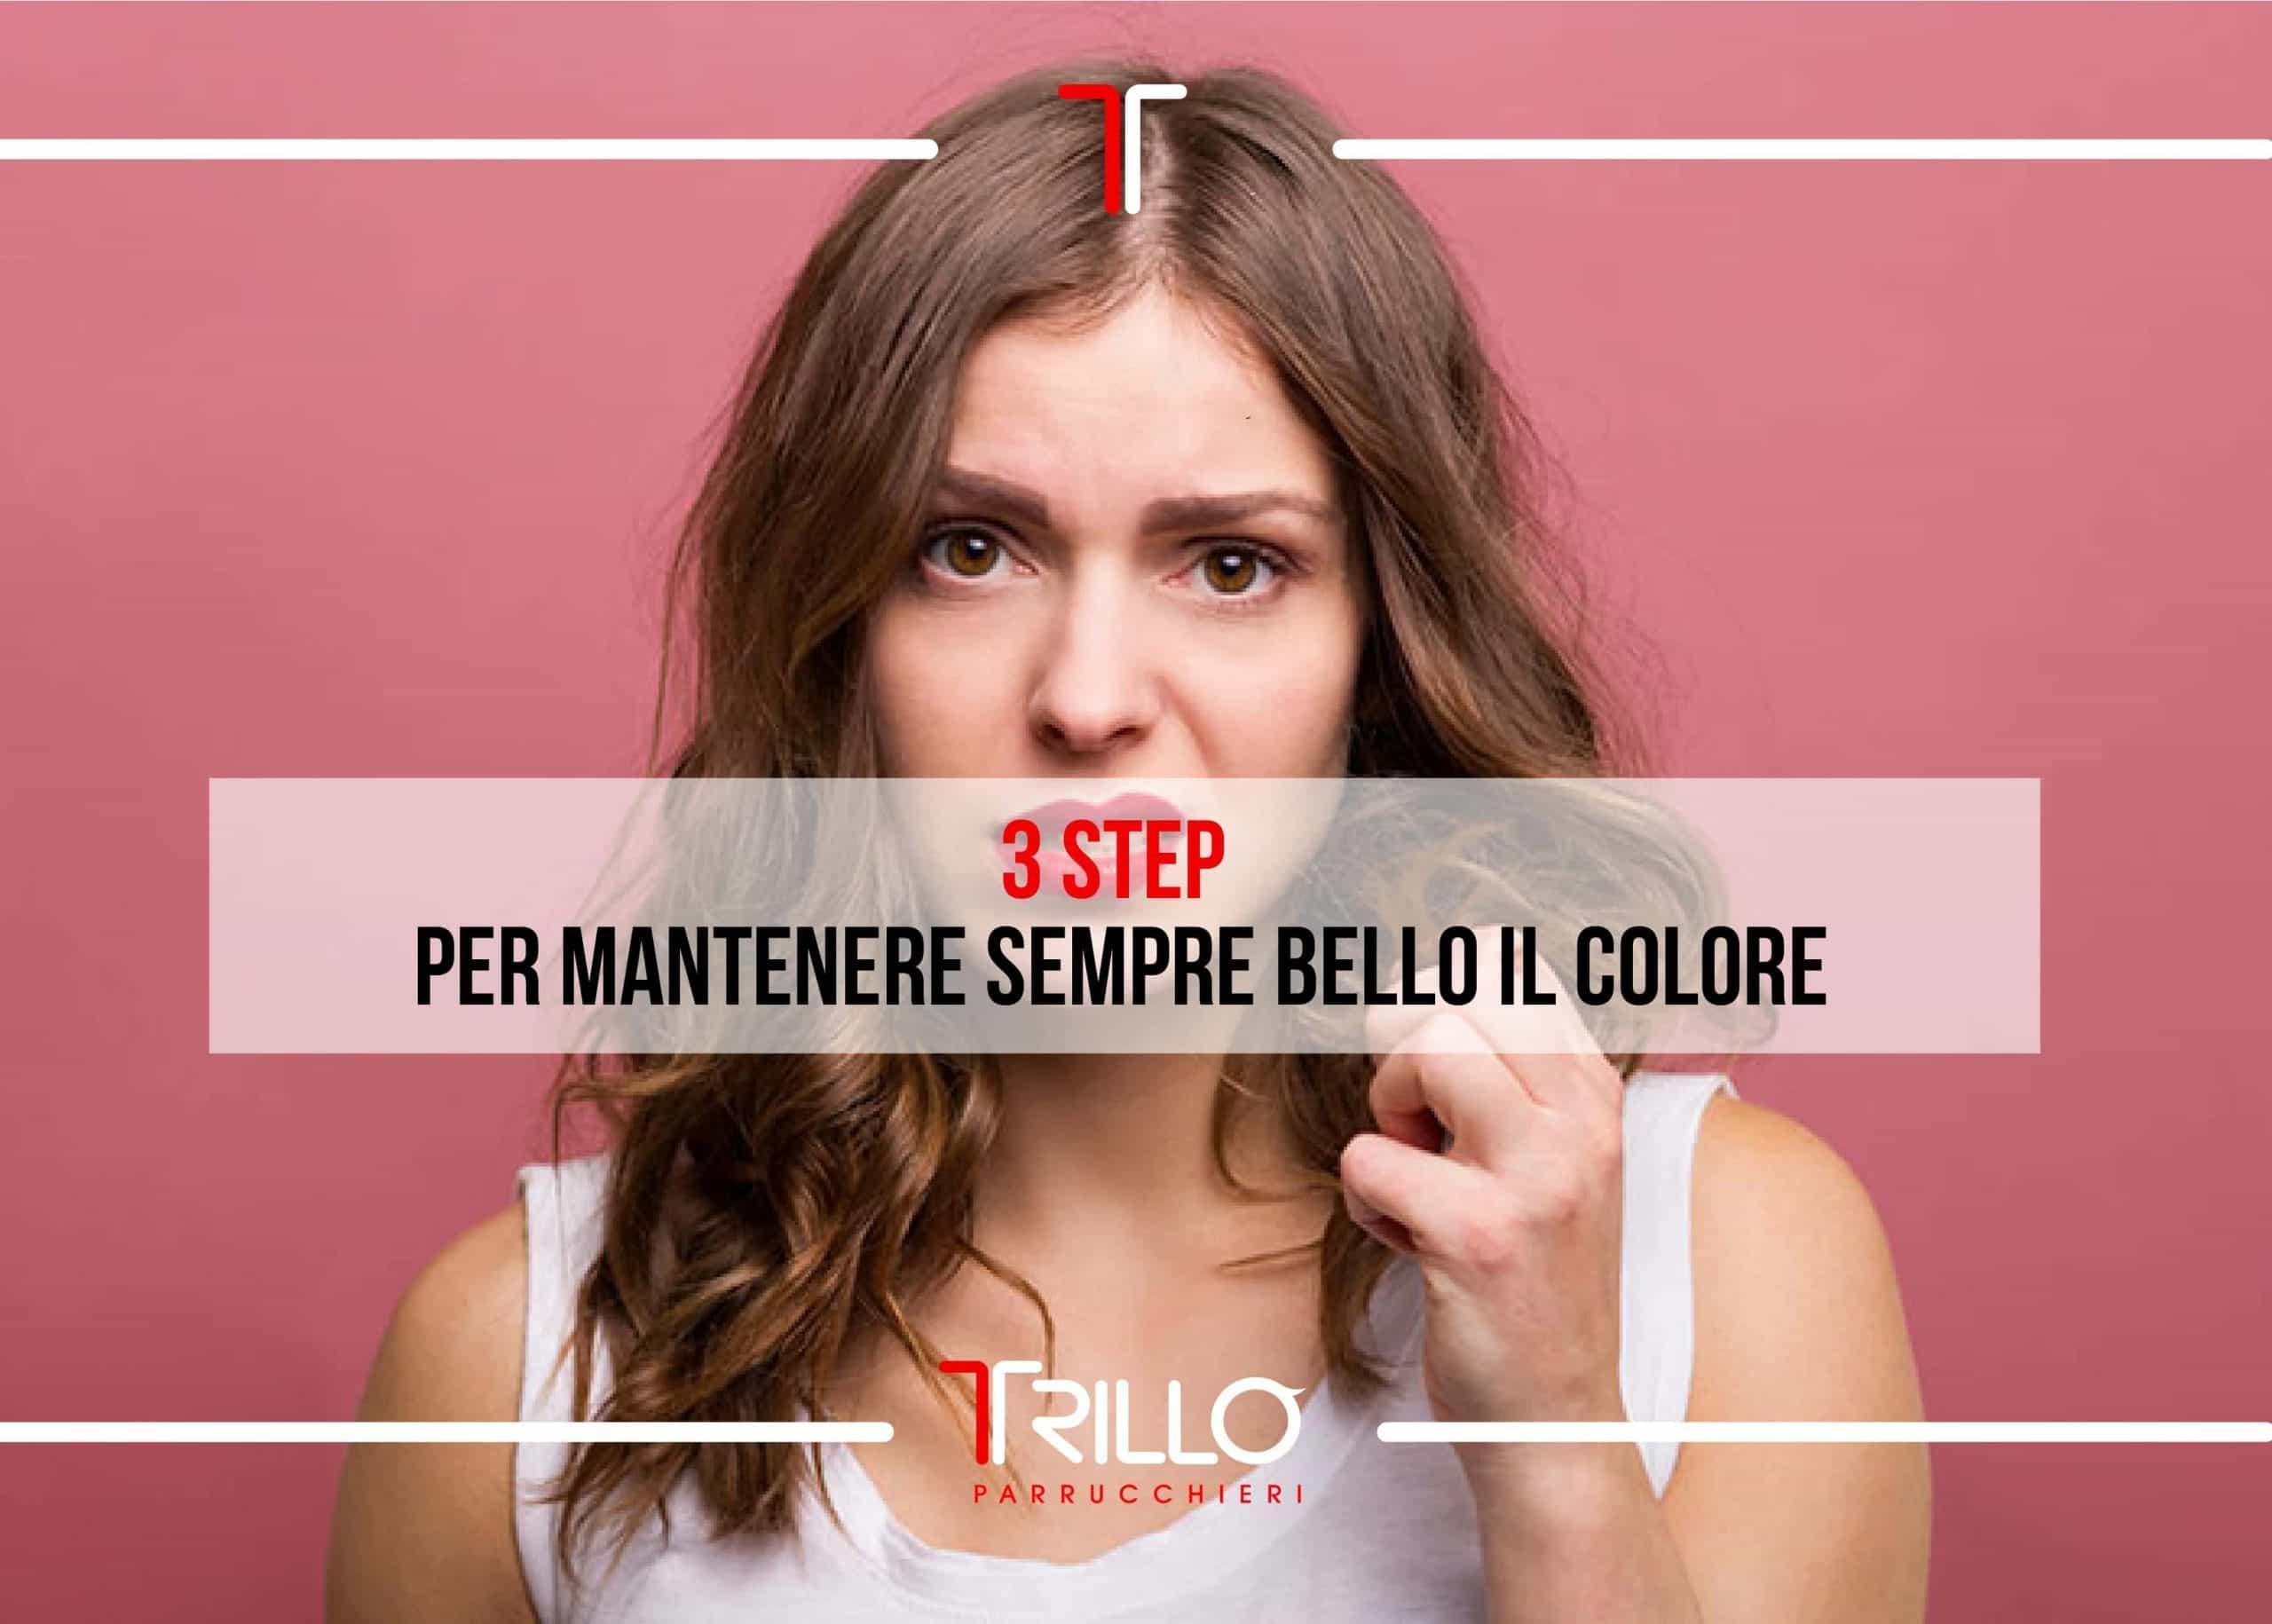 3 STEP per mantenere sempre bello il colore